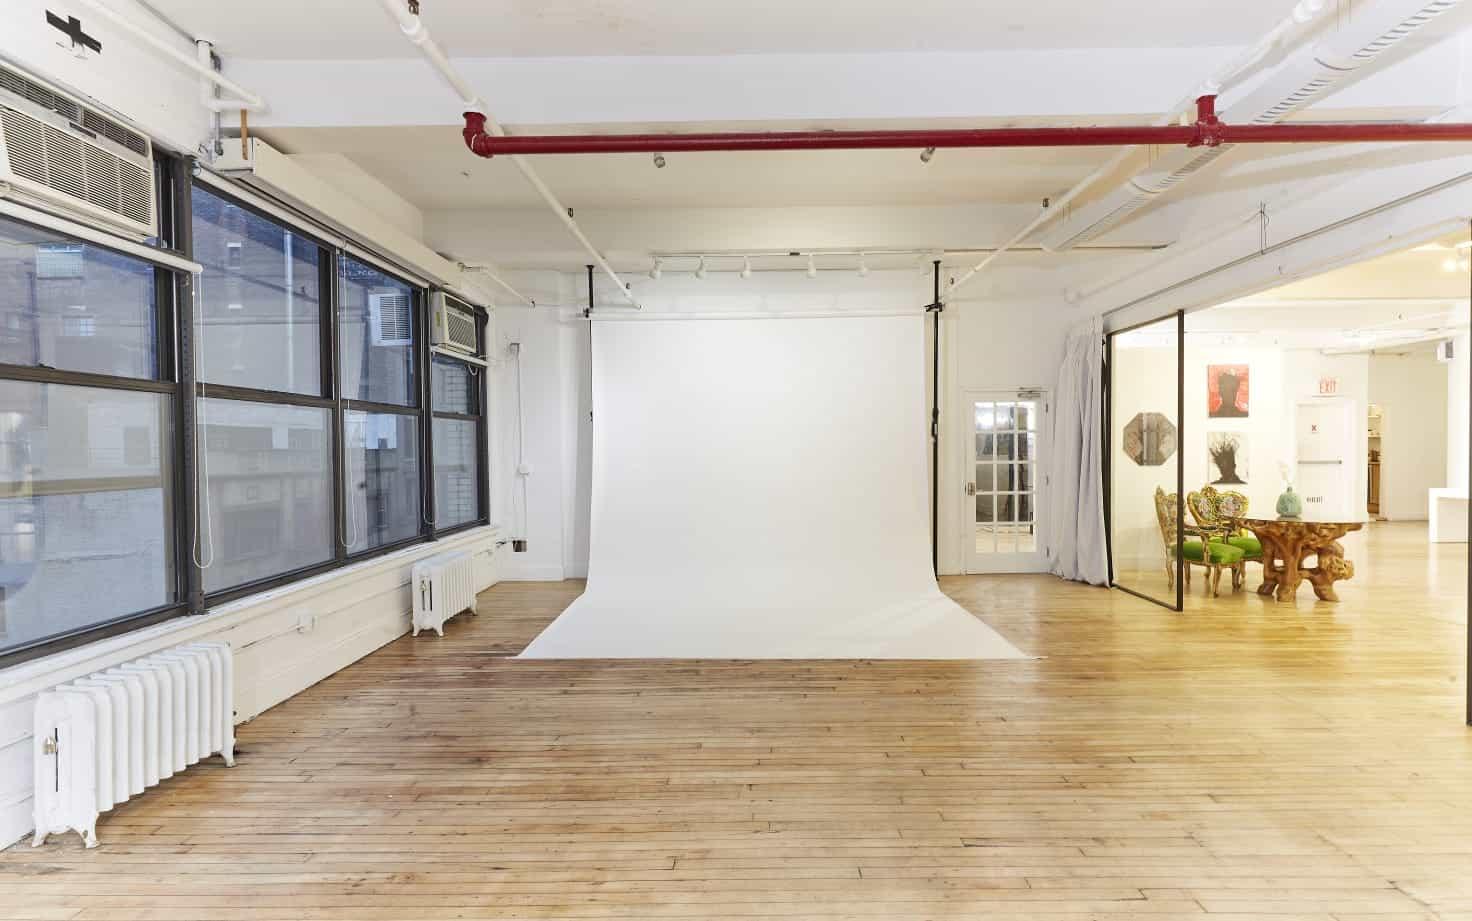 nyc photo studio for rent